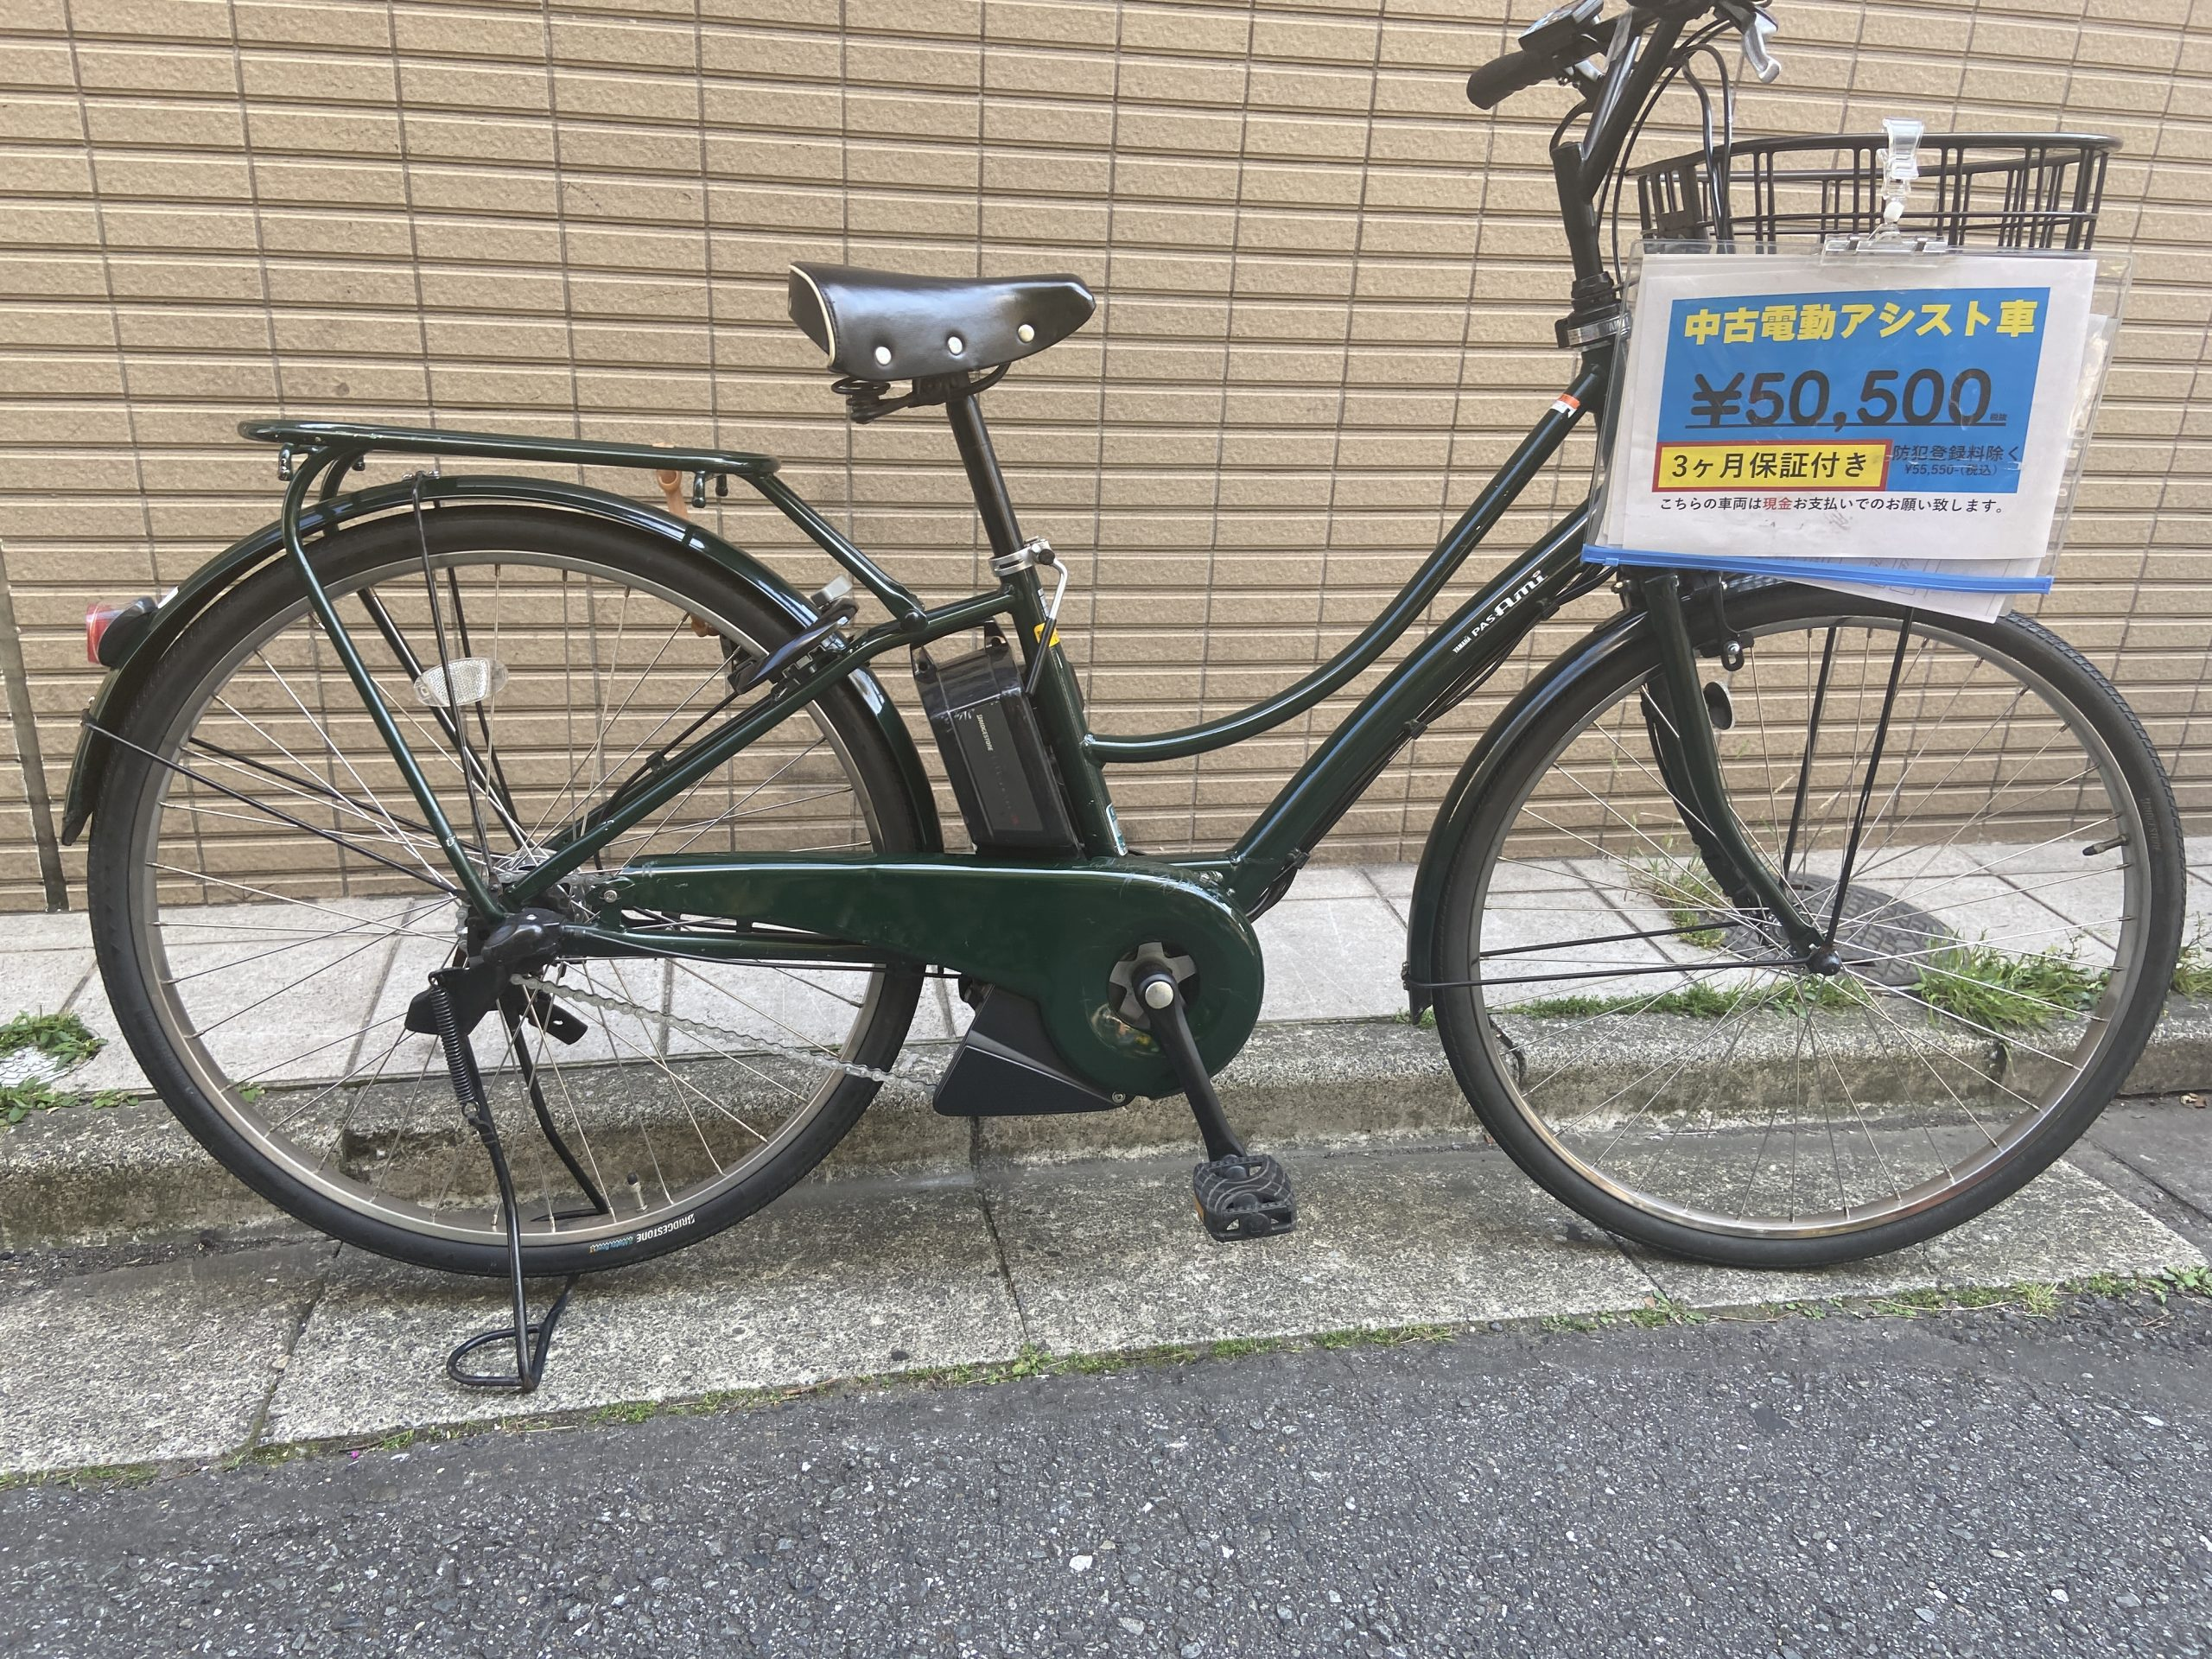 【大森山王店|中古車情報】PAS Ami(YAMAHA)/55,550円(税込)